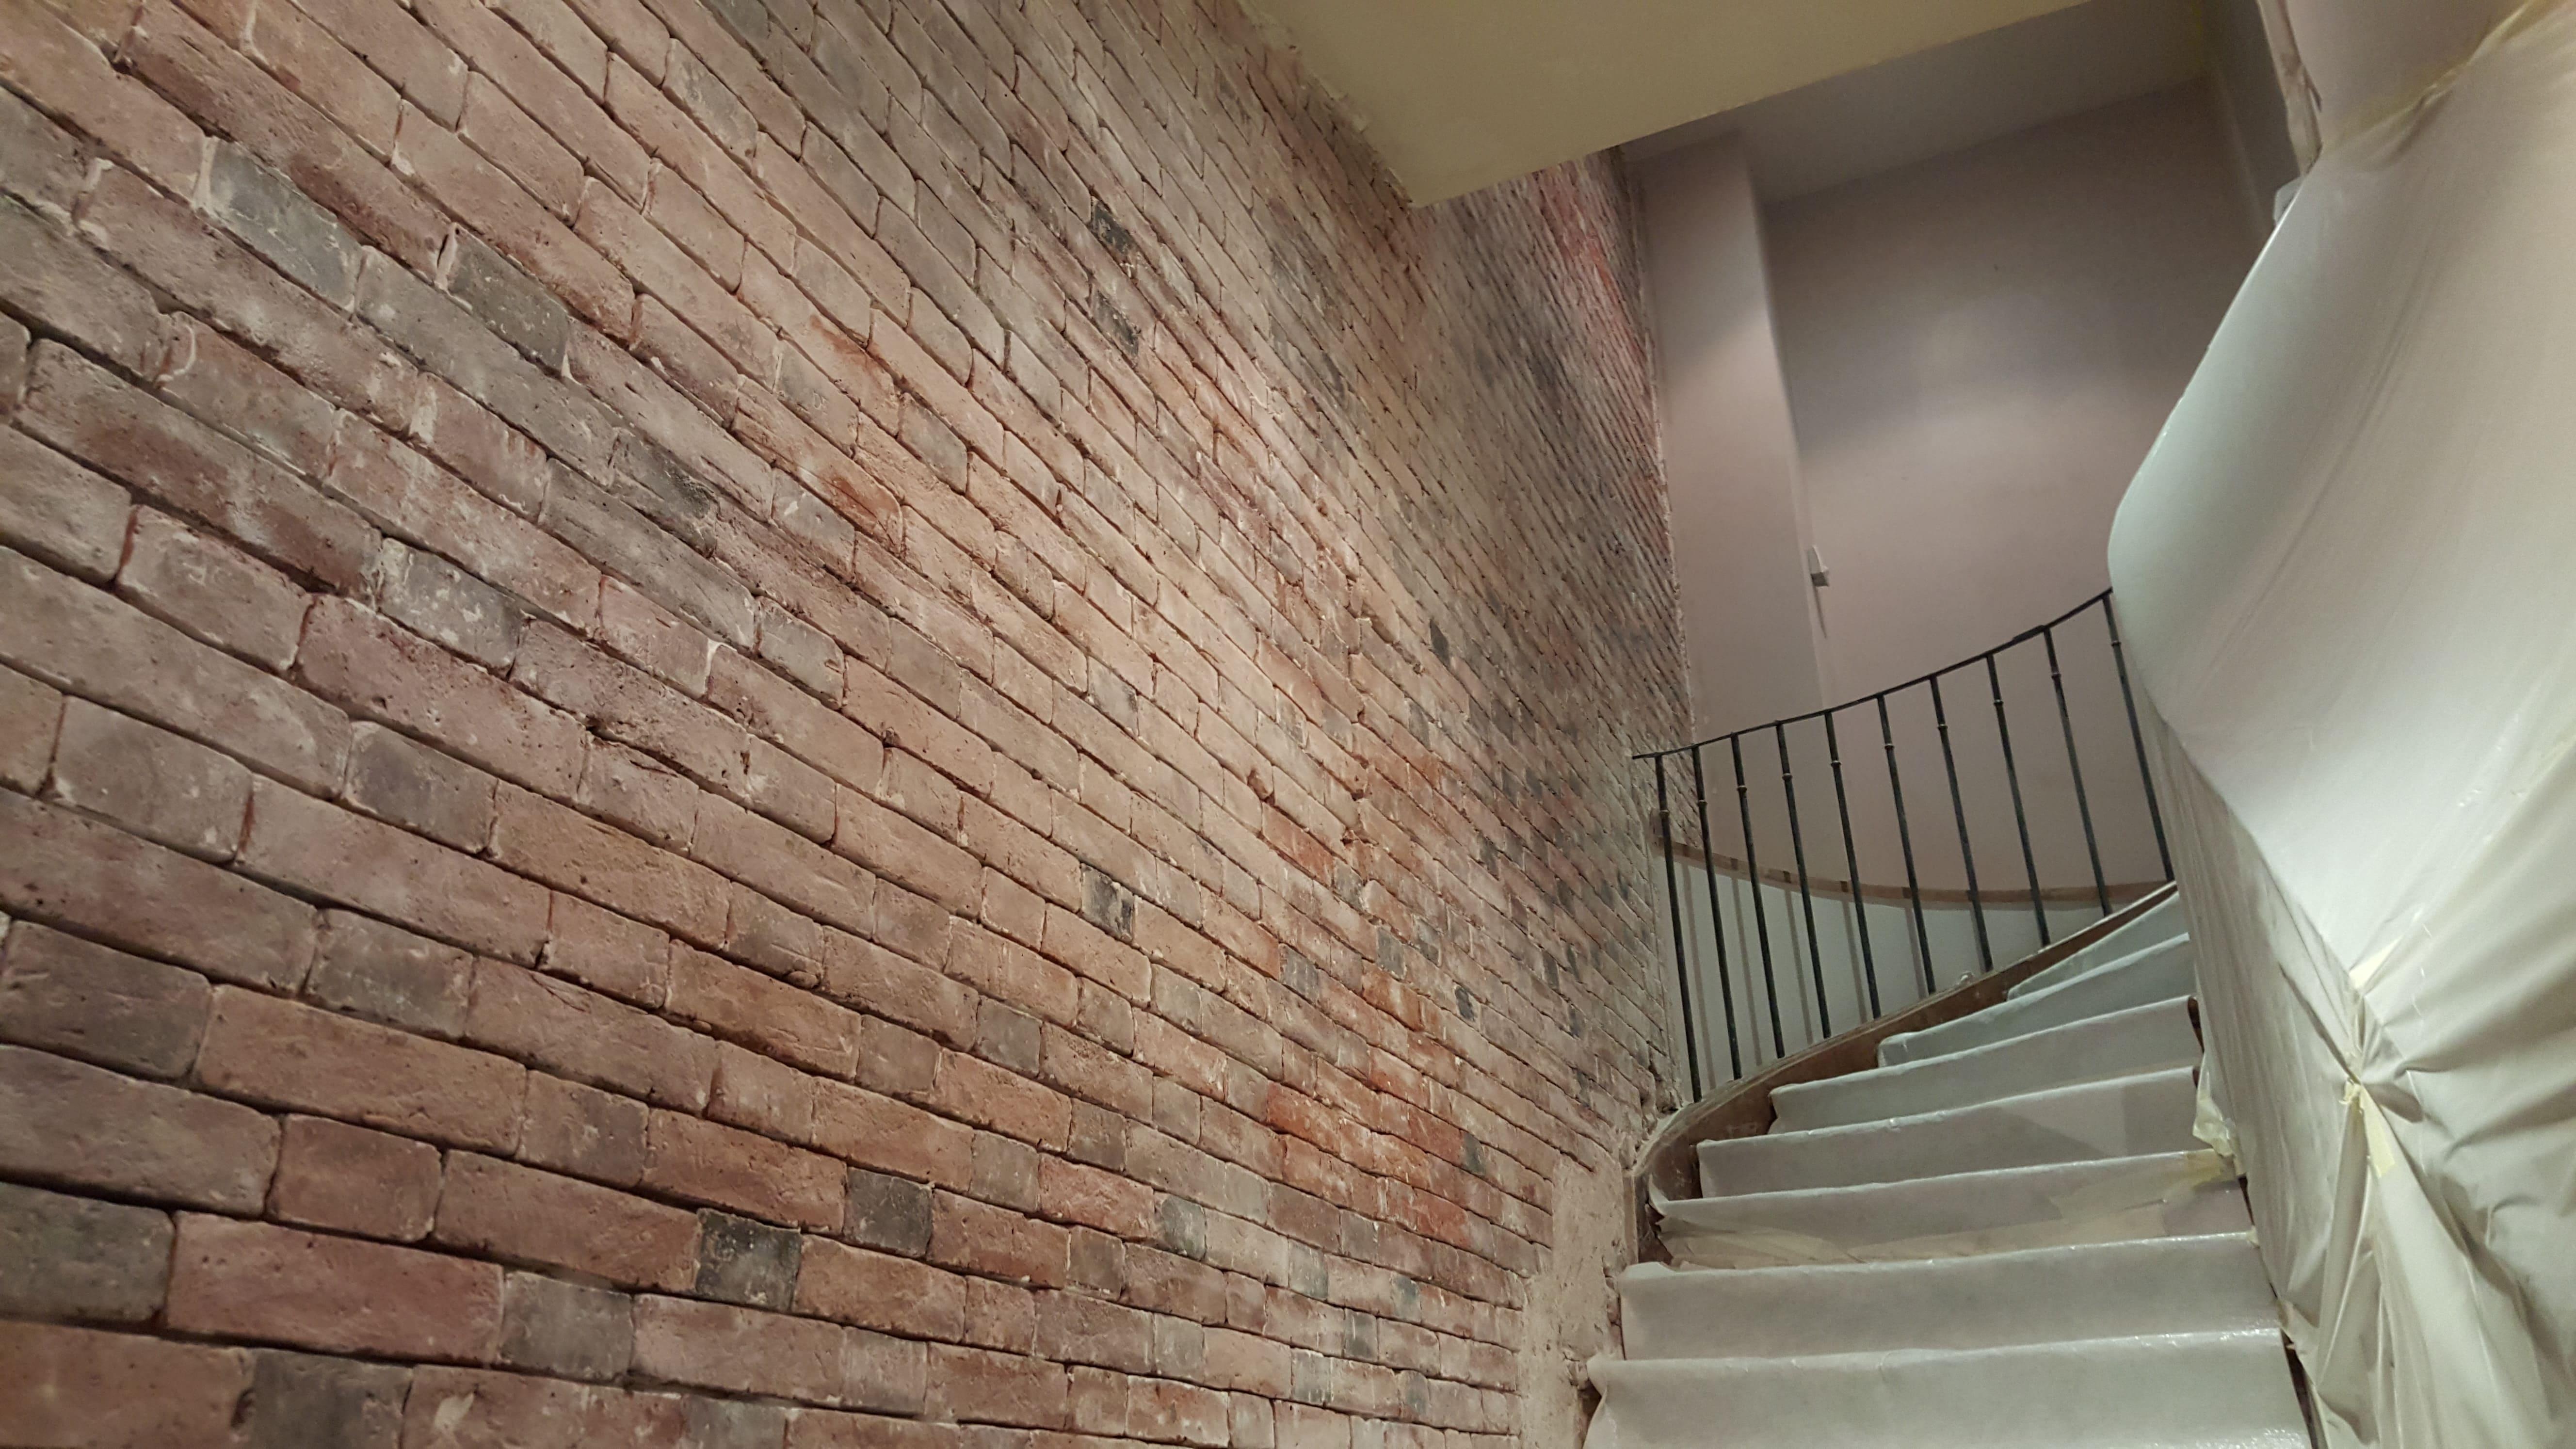 travaux-de-renovation-mur-de-brique-5-nettoyage-detachage-et-retapage-des-joints-societe-texas-batiment-min